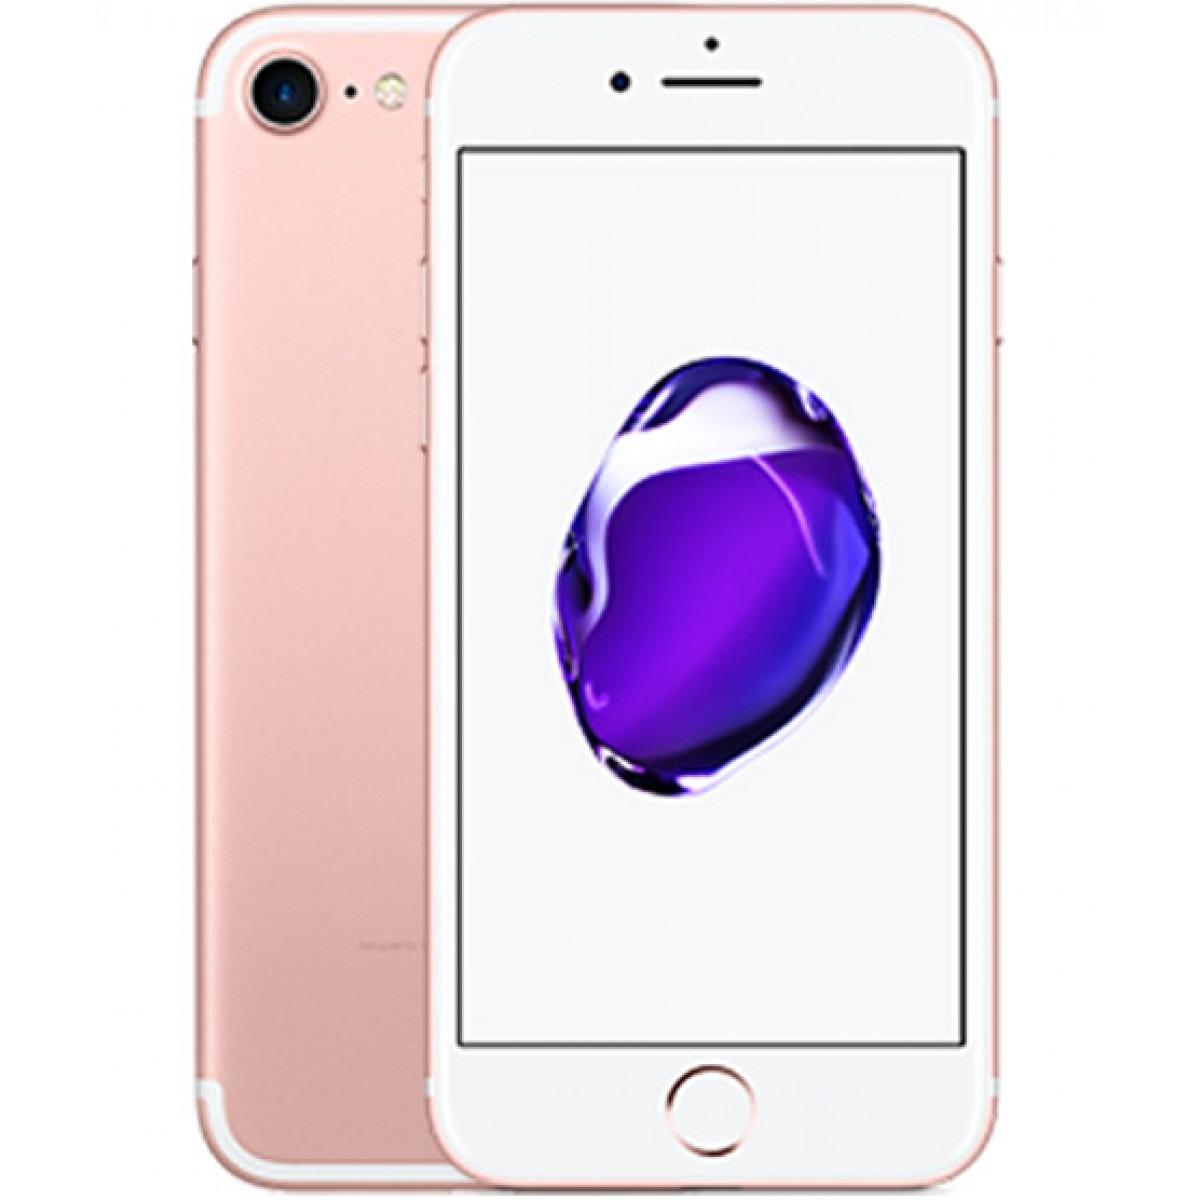 「新品 未使用品」SIMフリー iPhone7 32gb ローズゴールド RosdGold ※赤ロム永久保証 [docomoからSIMロック解除済み][Apple/アップル][アイフォン][MNCJ2J/A]